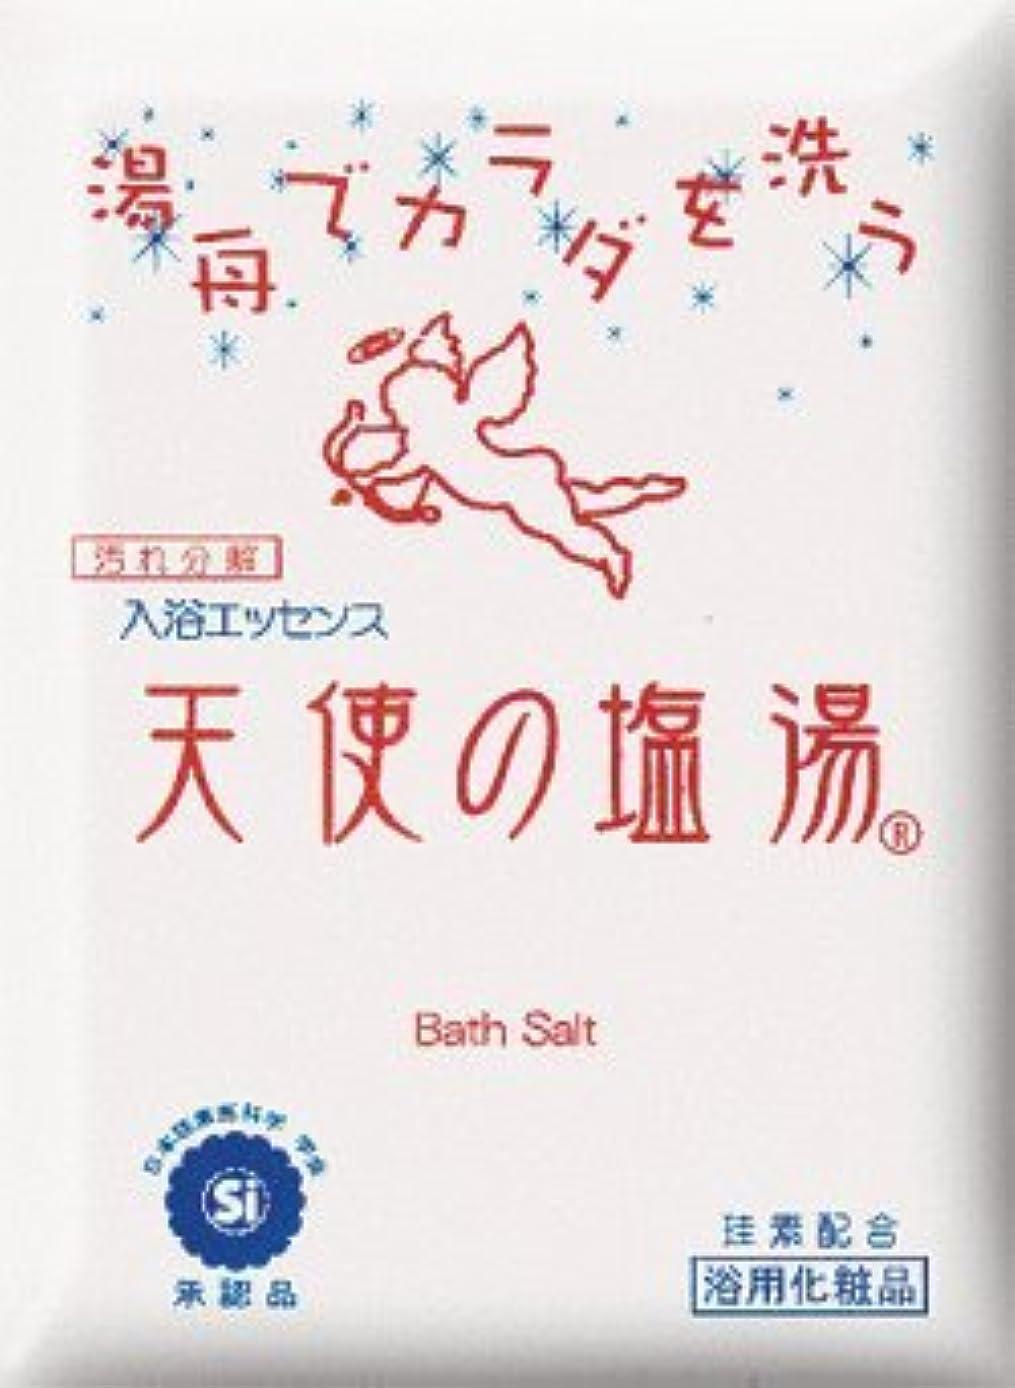 トランスミッション廃止春天使の塩湯 (70g×20袋) ※浴槽でカラダを洗う!入浴エッセンス!